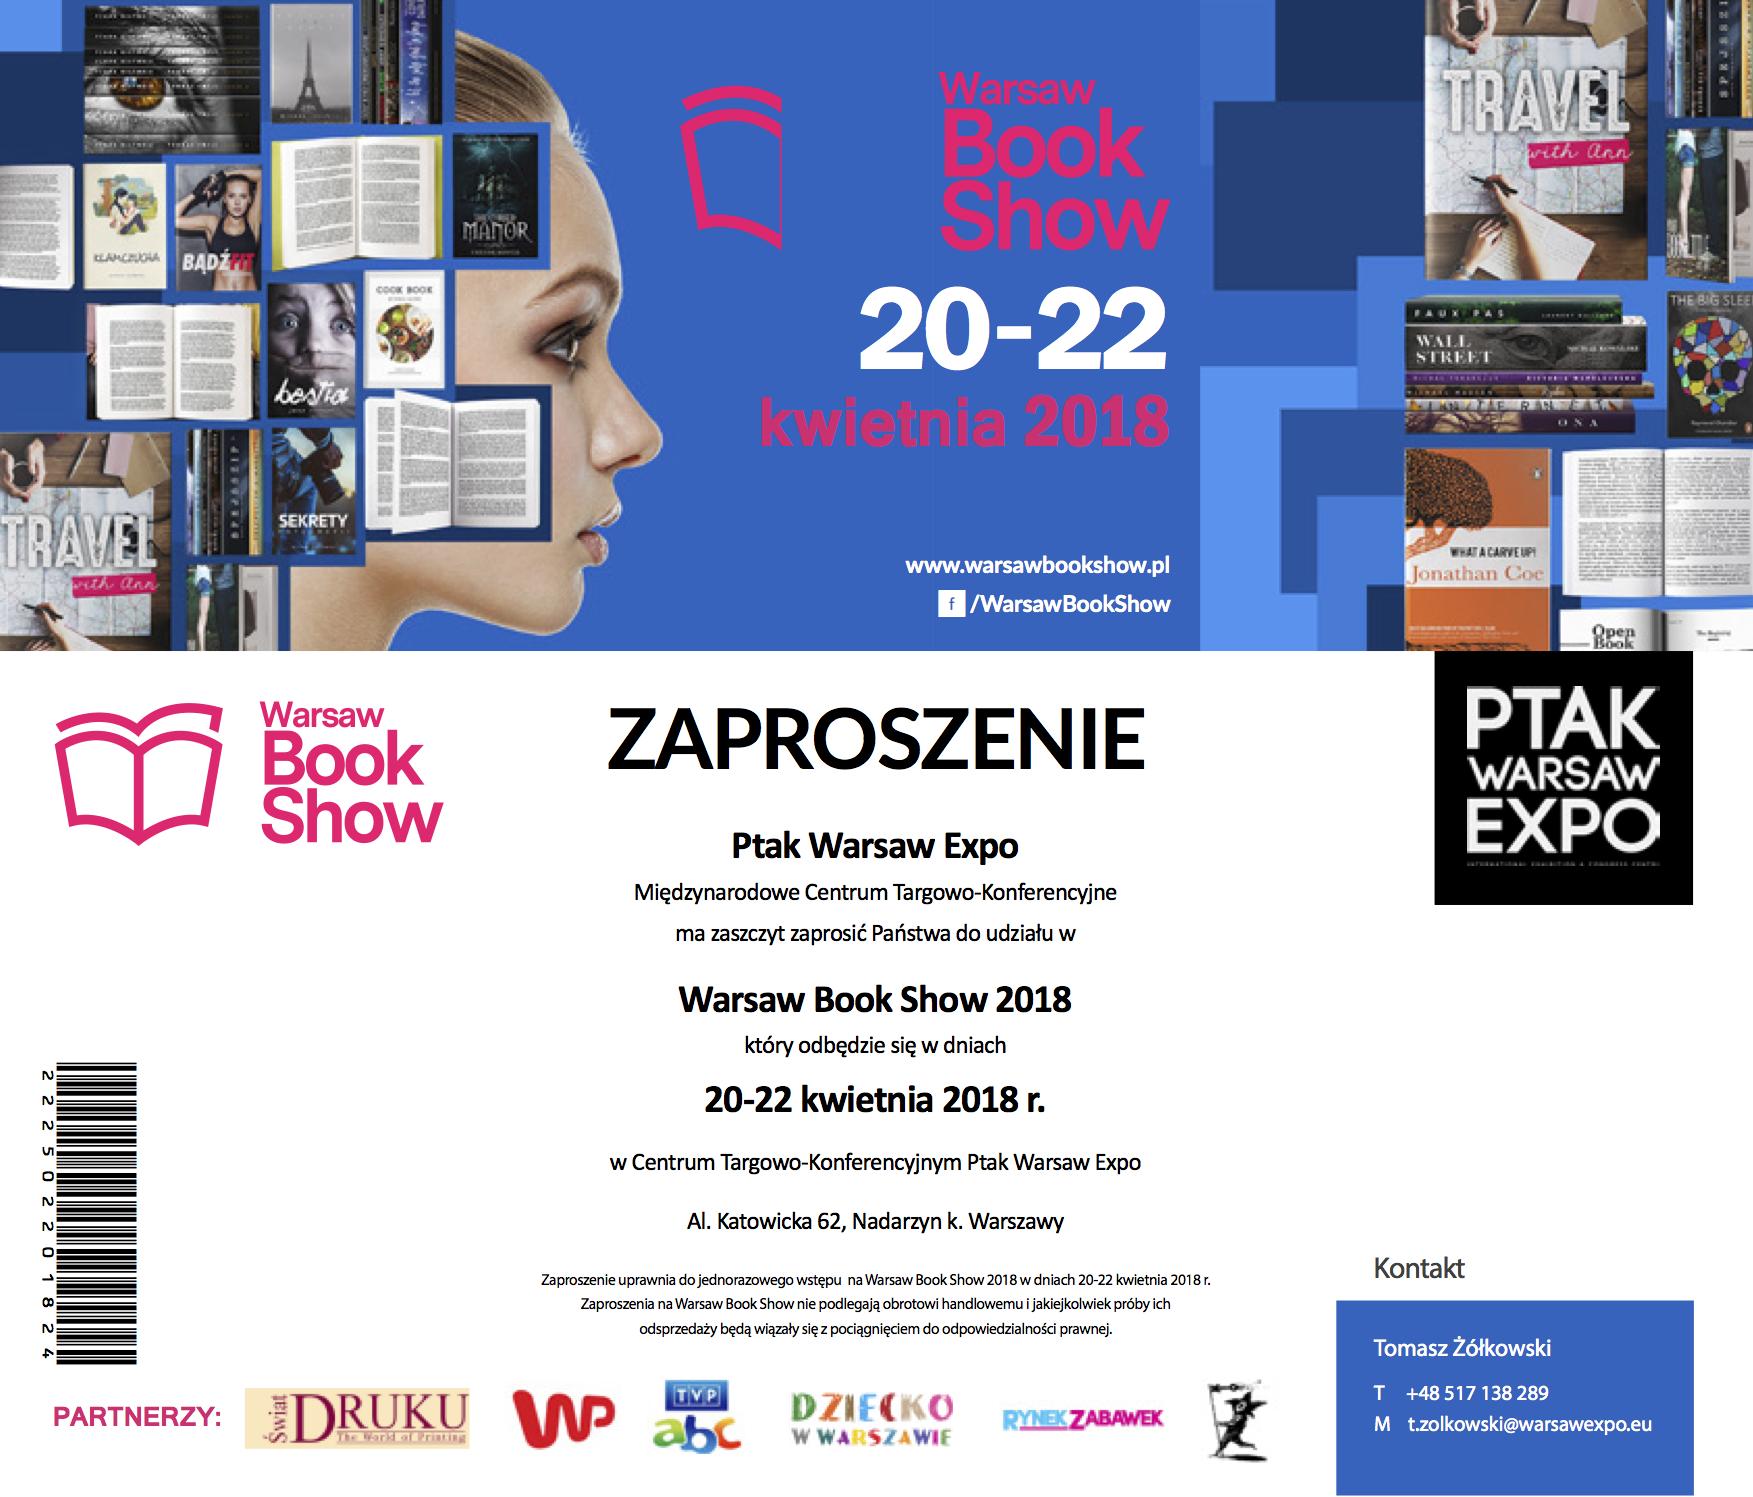 zaproszenie_warsaw_book_show_mail_partnerzy_nowe